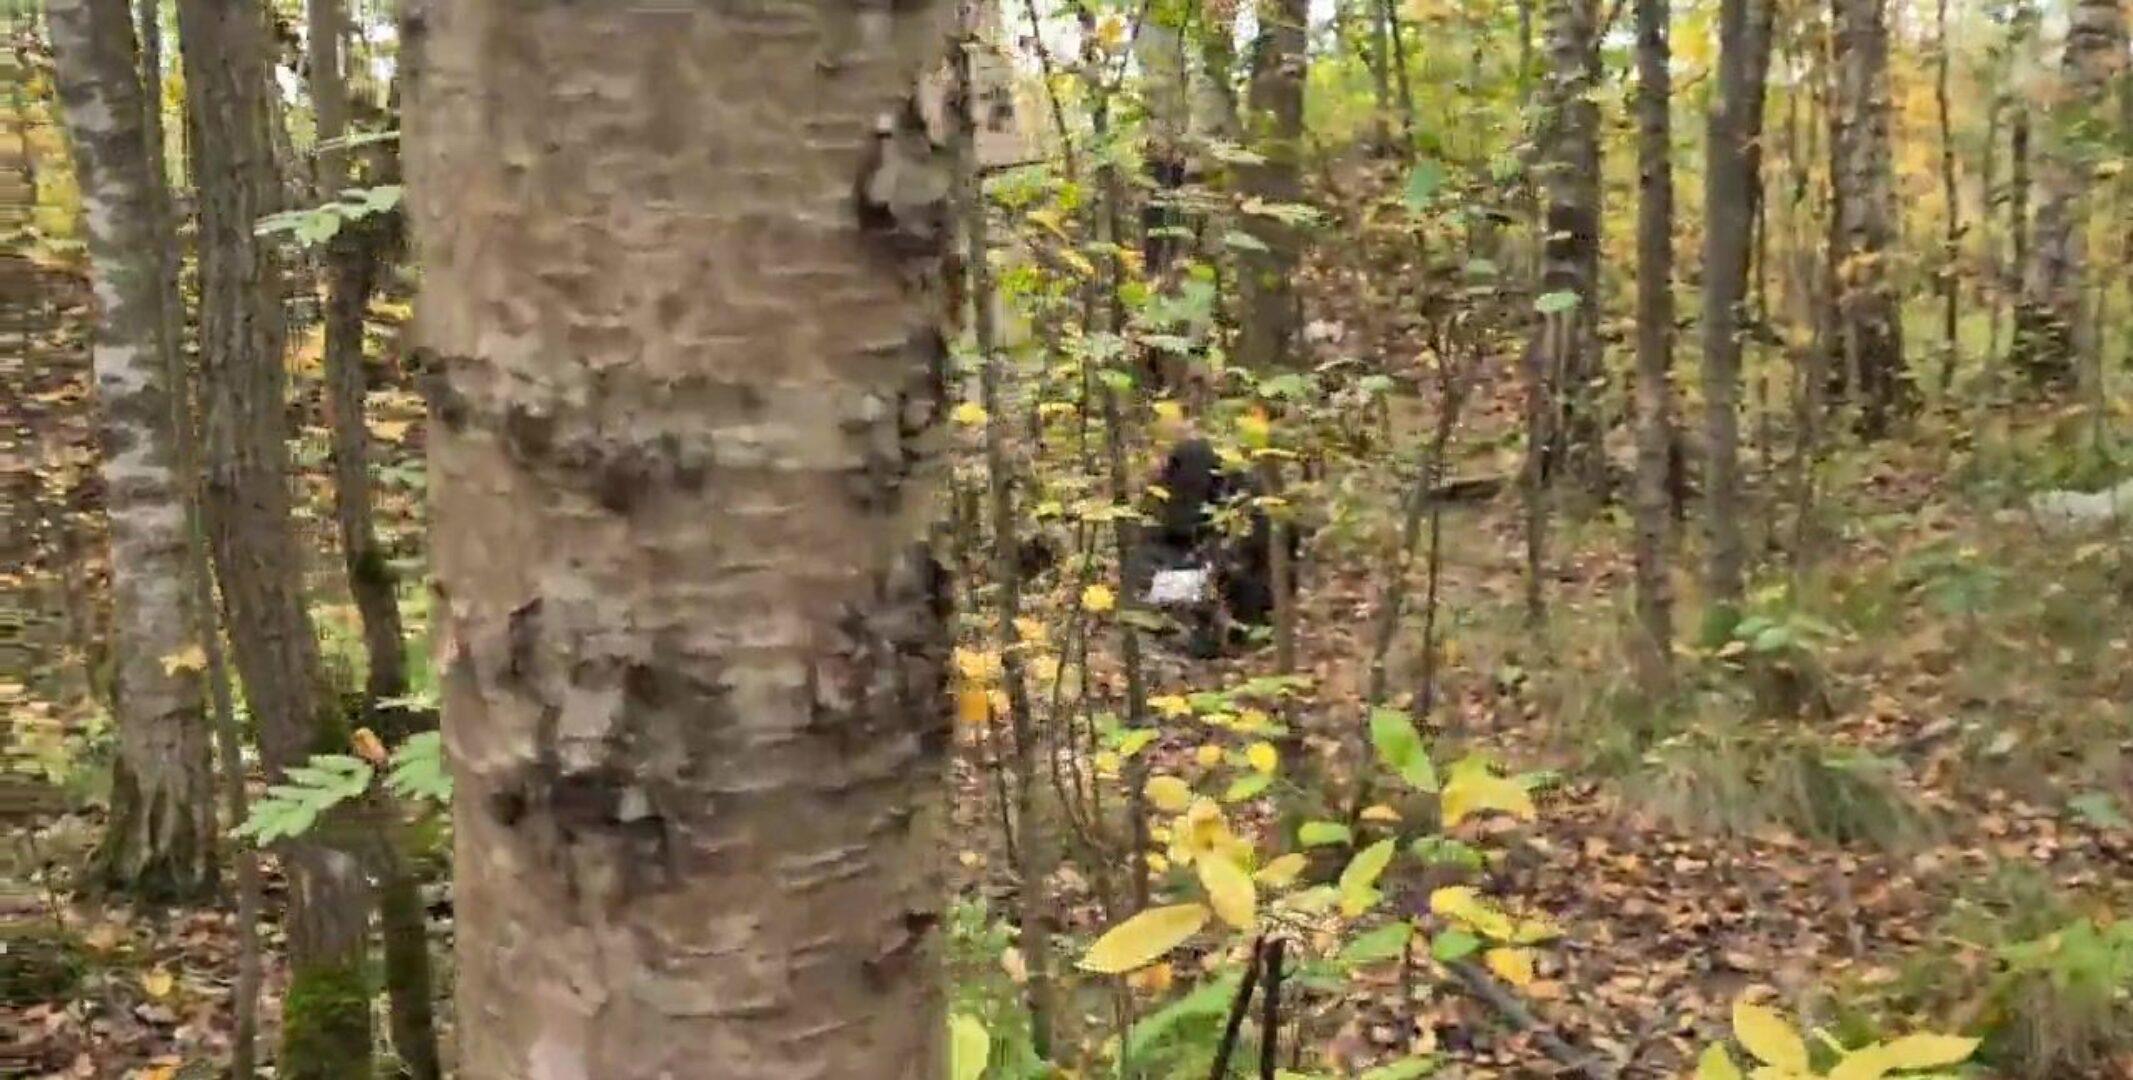 Kinky Rødhåret Pige Bliver Bollet Og Tisset På Ude I Skoven - Nudie